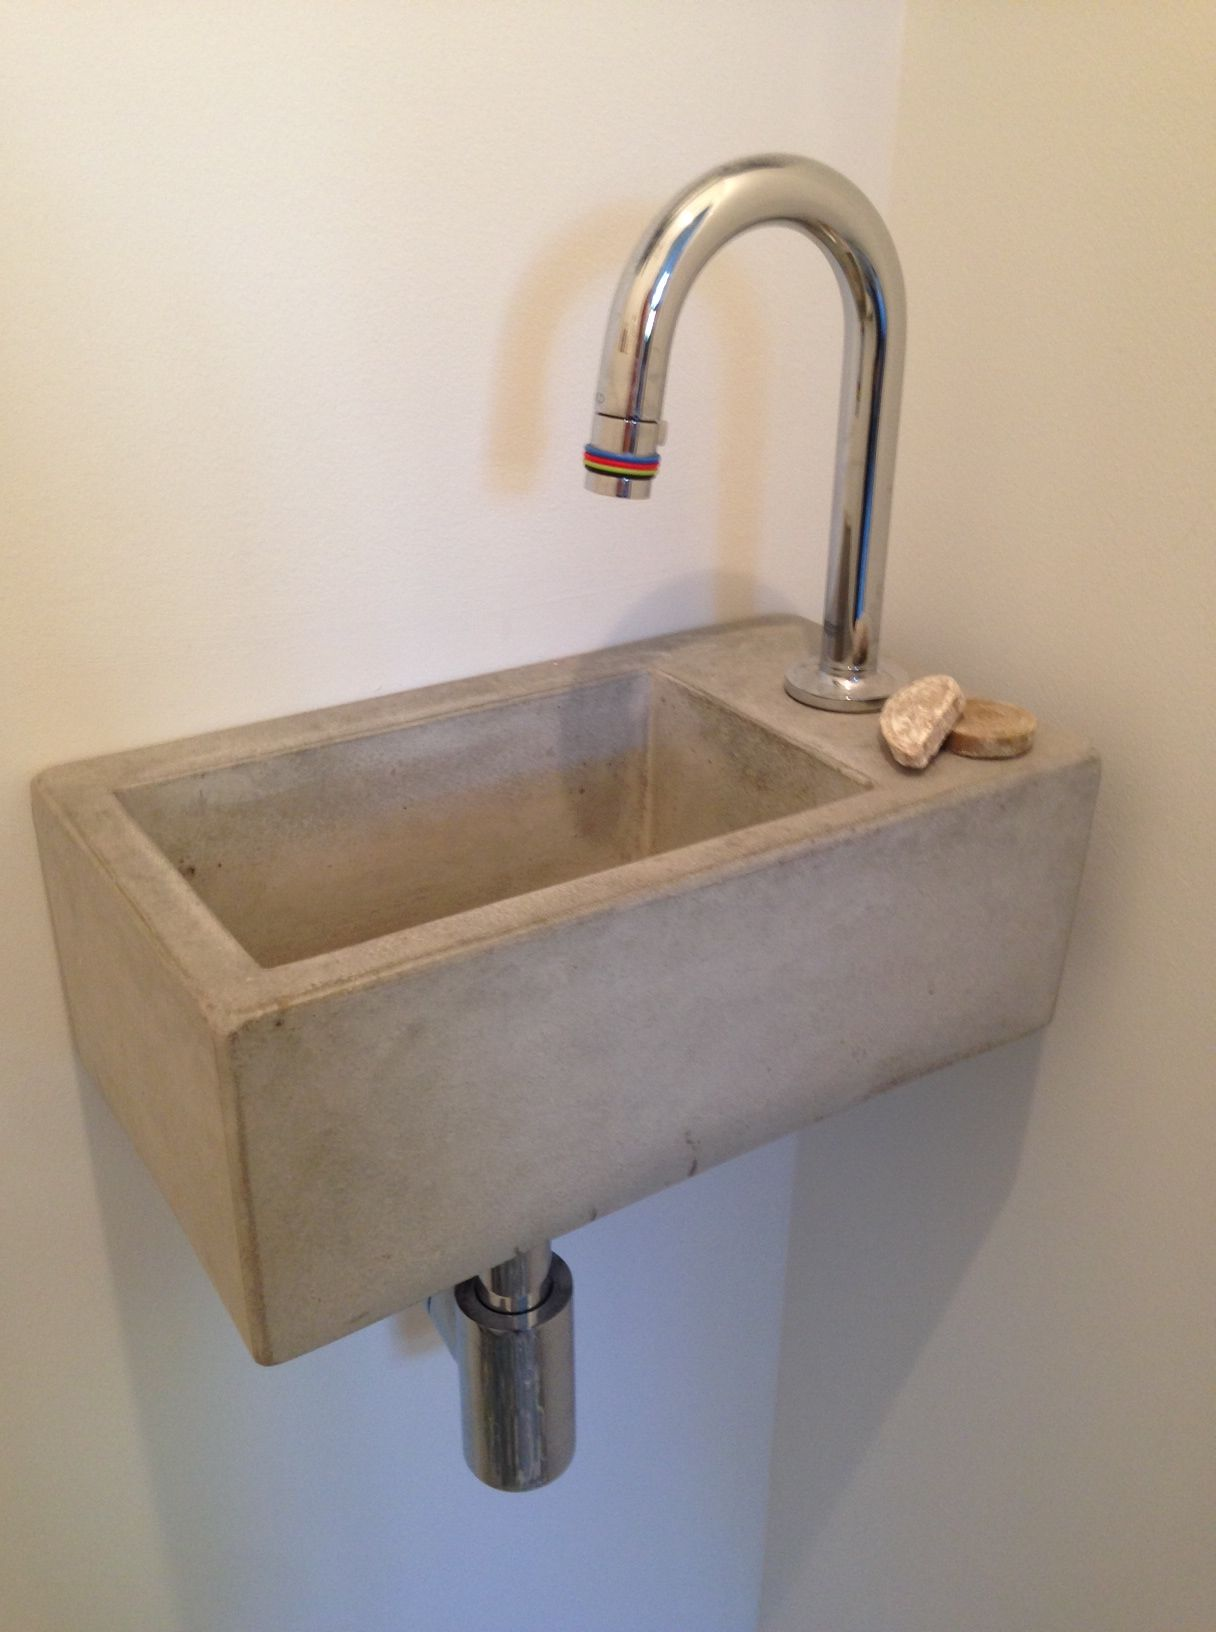 beton wasbak met kraan erin en eventueel zwart toilet